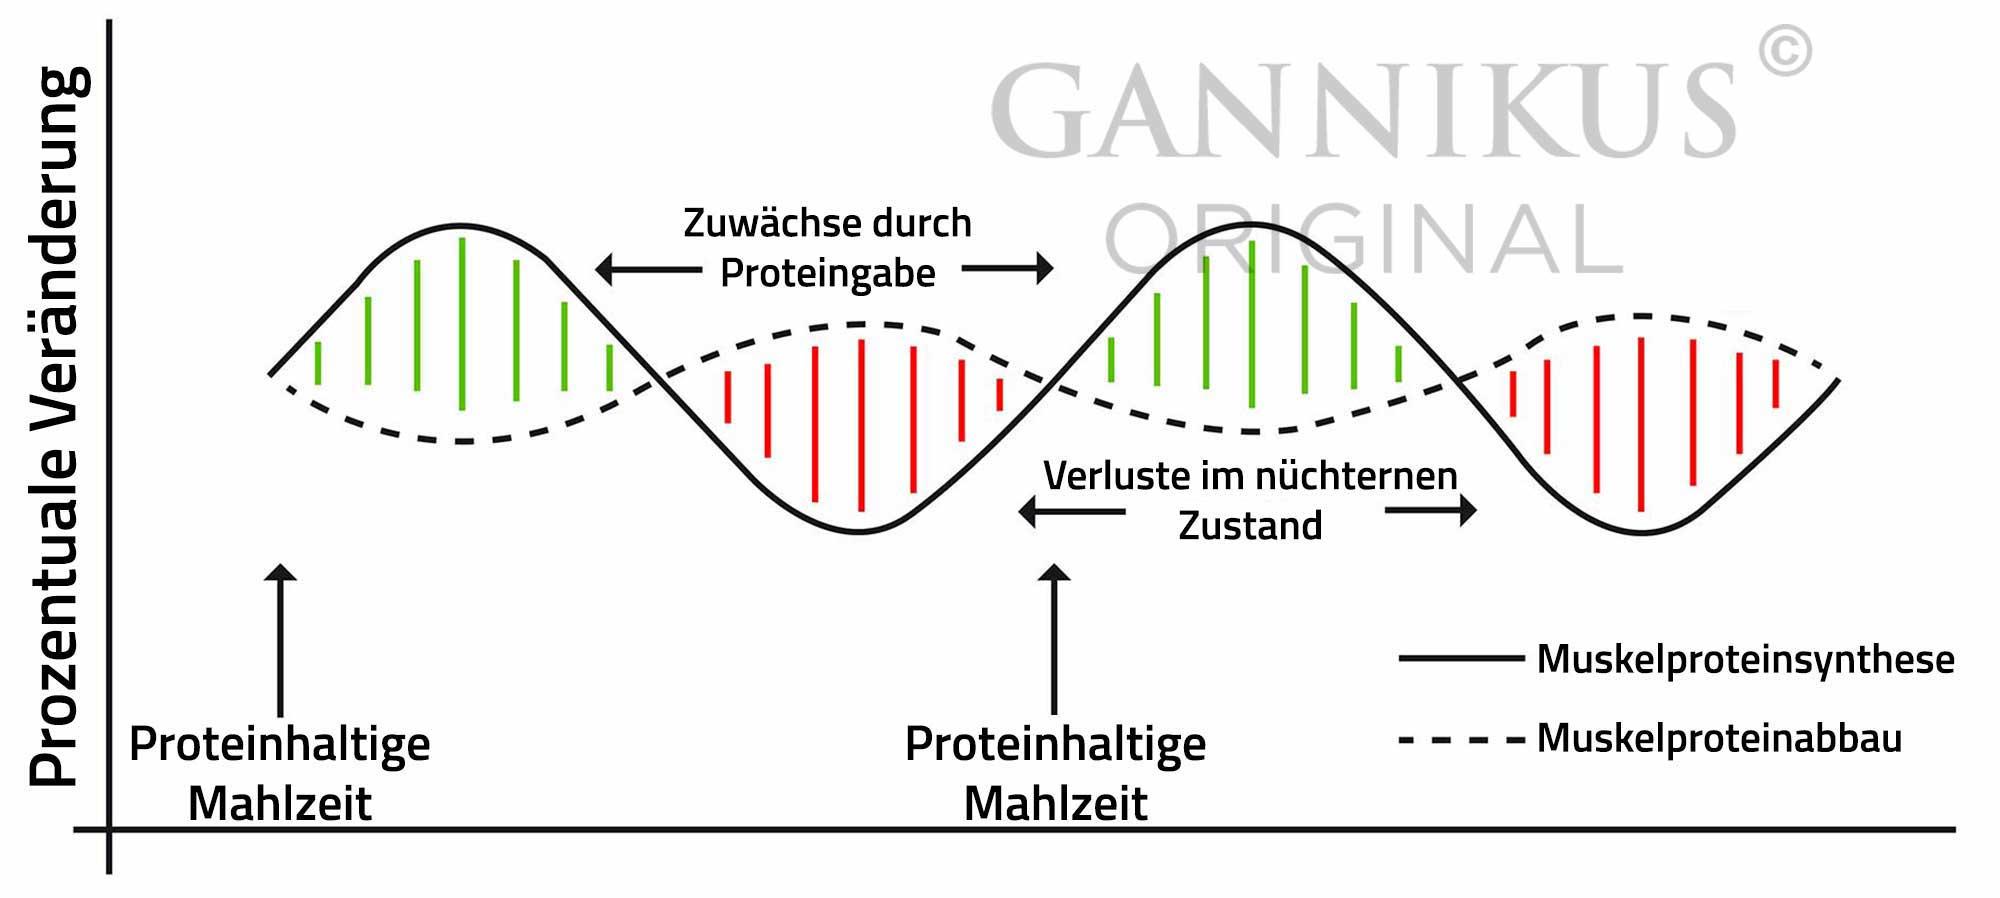 Muskelproteinsynthese steigern